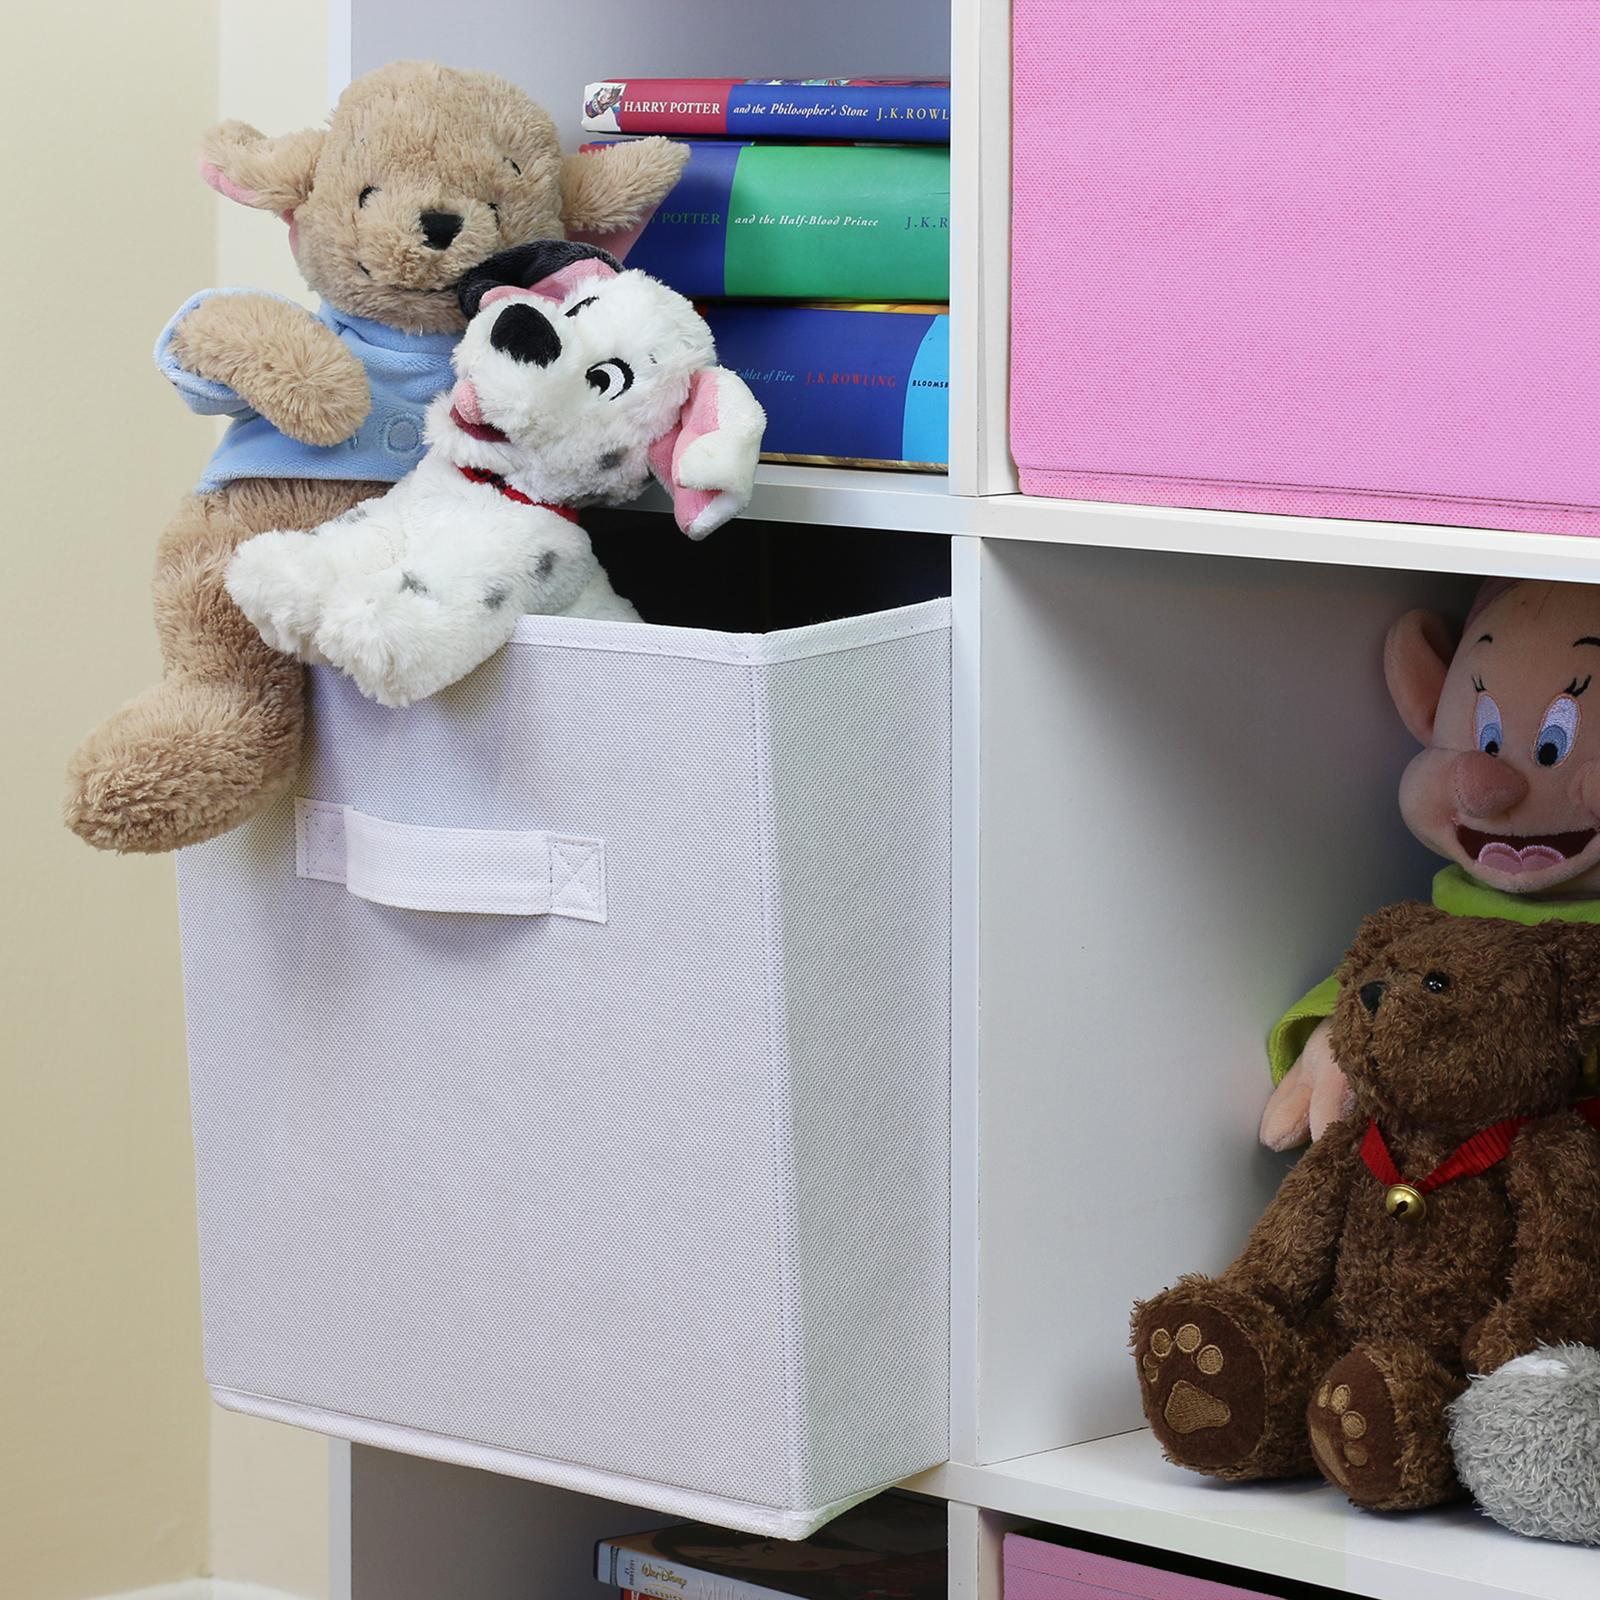 6 Cube Kids White Toy Games Storage Unit Girls Boys Childs: 9 Cube Kids Pink & White Toy/Games Storage Unit Girls/Boys